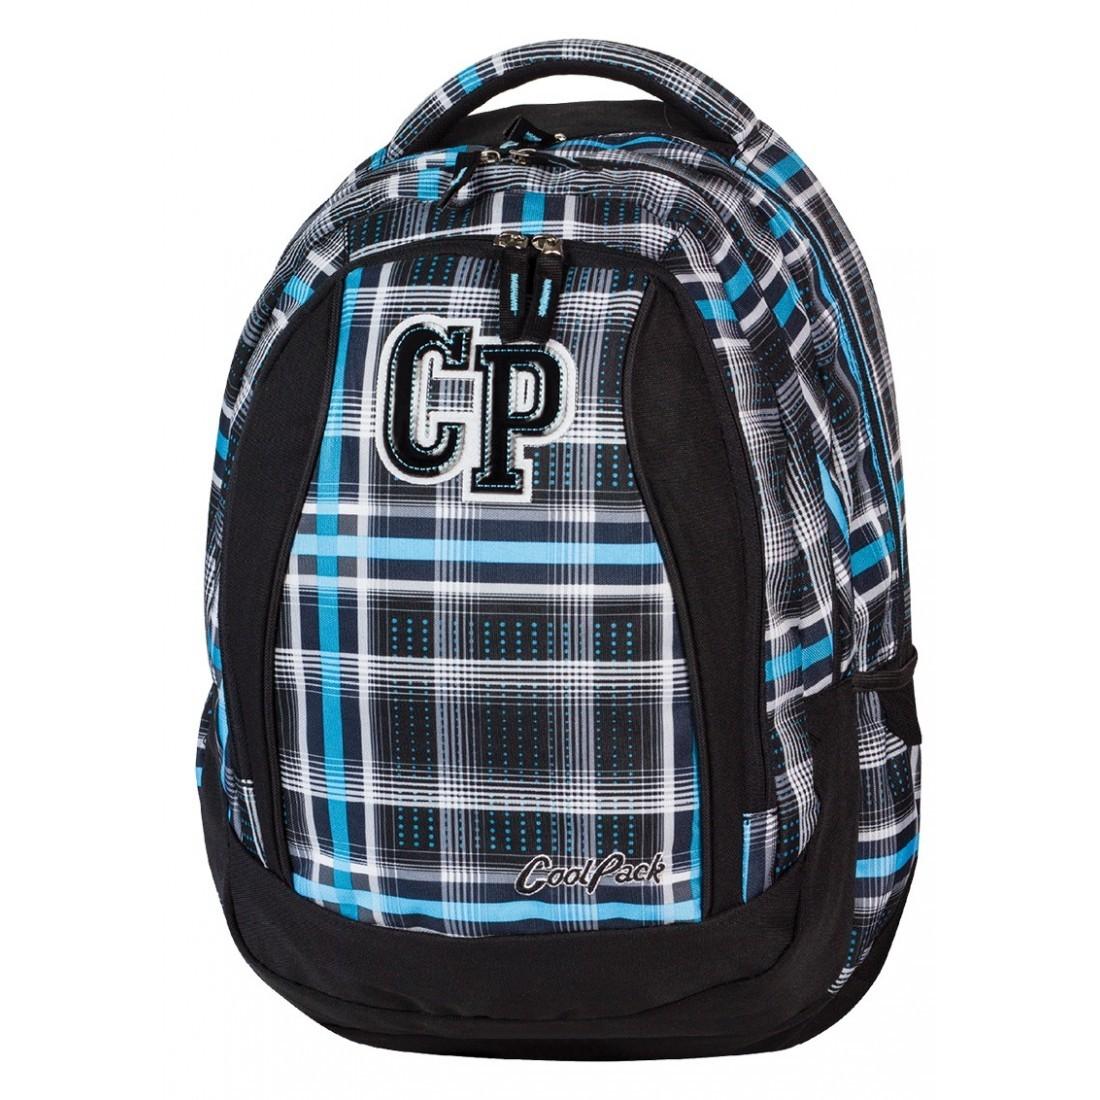 Plecak młodzieżowy CoolPack CP czarny i niebieski w kratkę - 3 przegrody STUDENT SPORTY 449 - plecak-tornister.pl